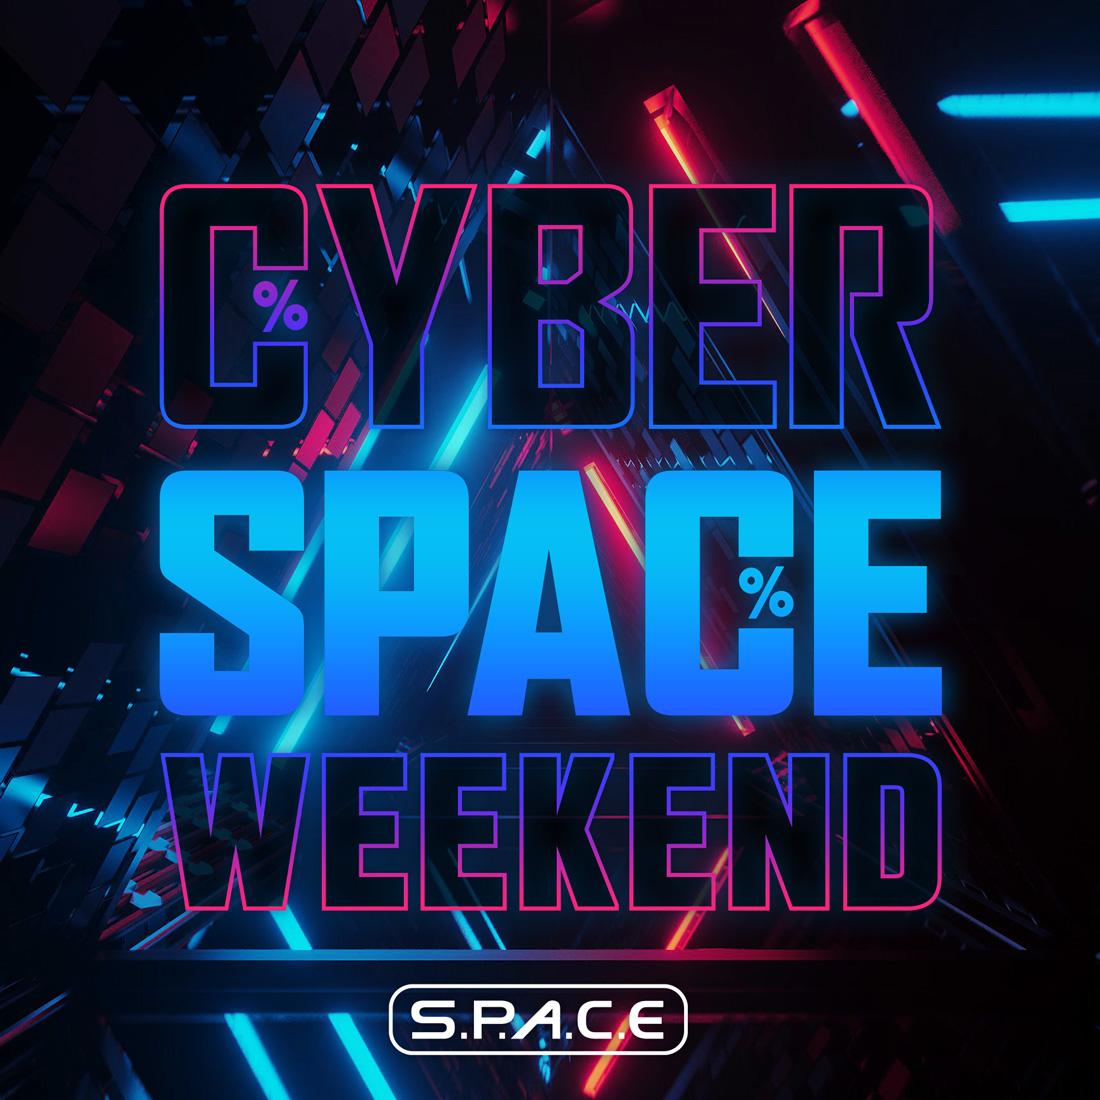 space_csw20_insta_post_quadr